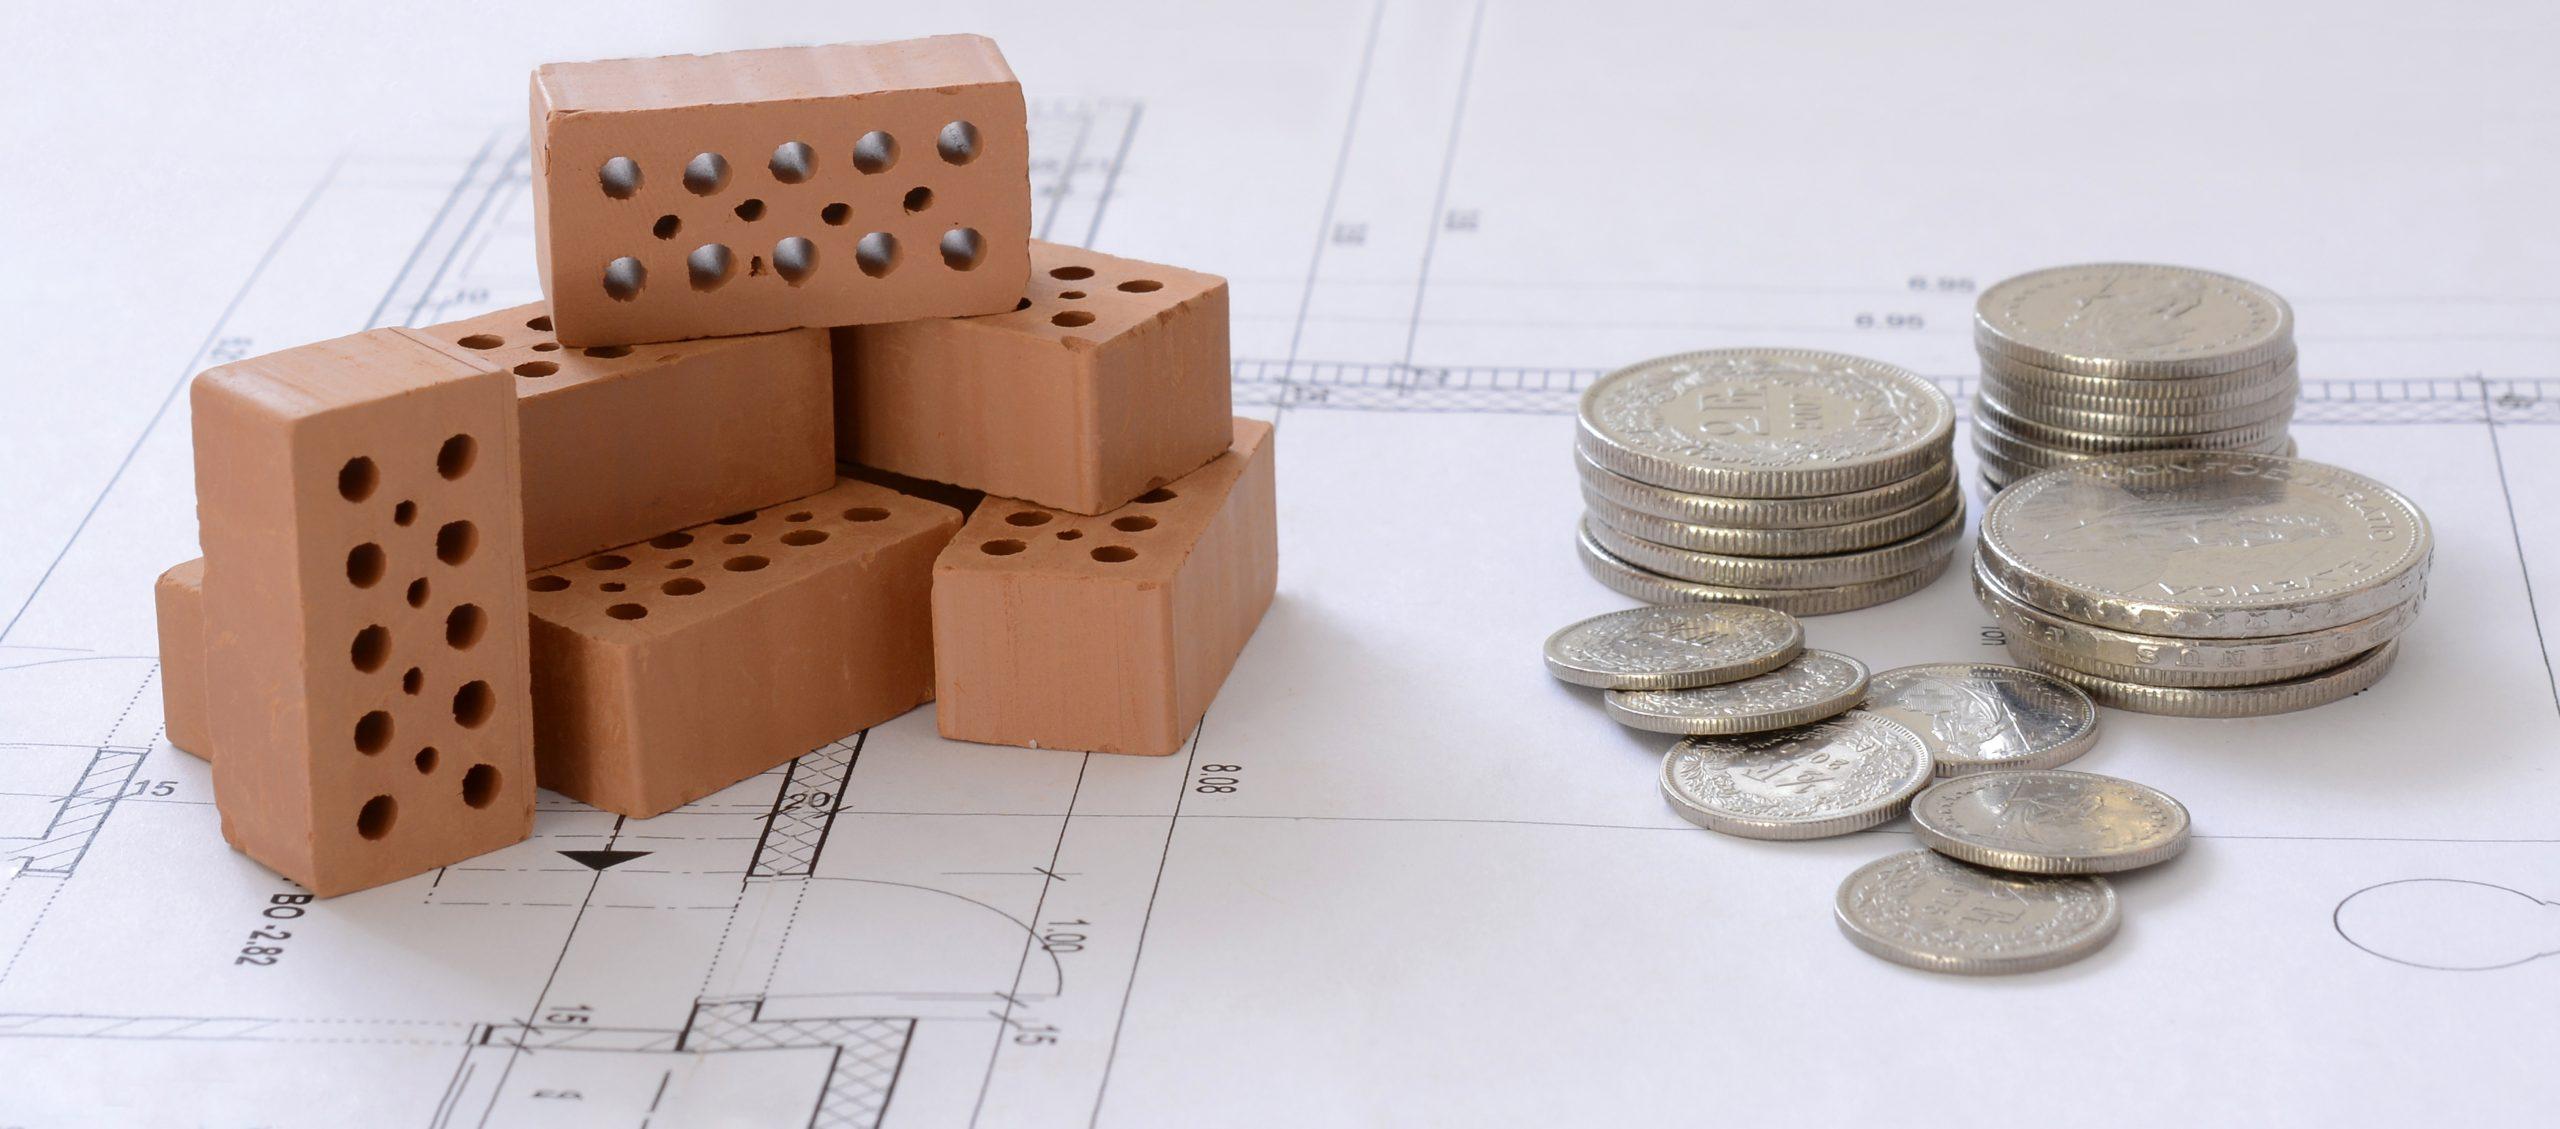 Wohnung kaufen: Wie viel Eigenkapital brauche ich und wie läuft die Finanzierung ab?